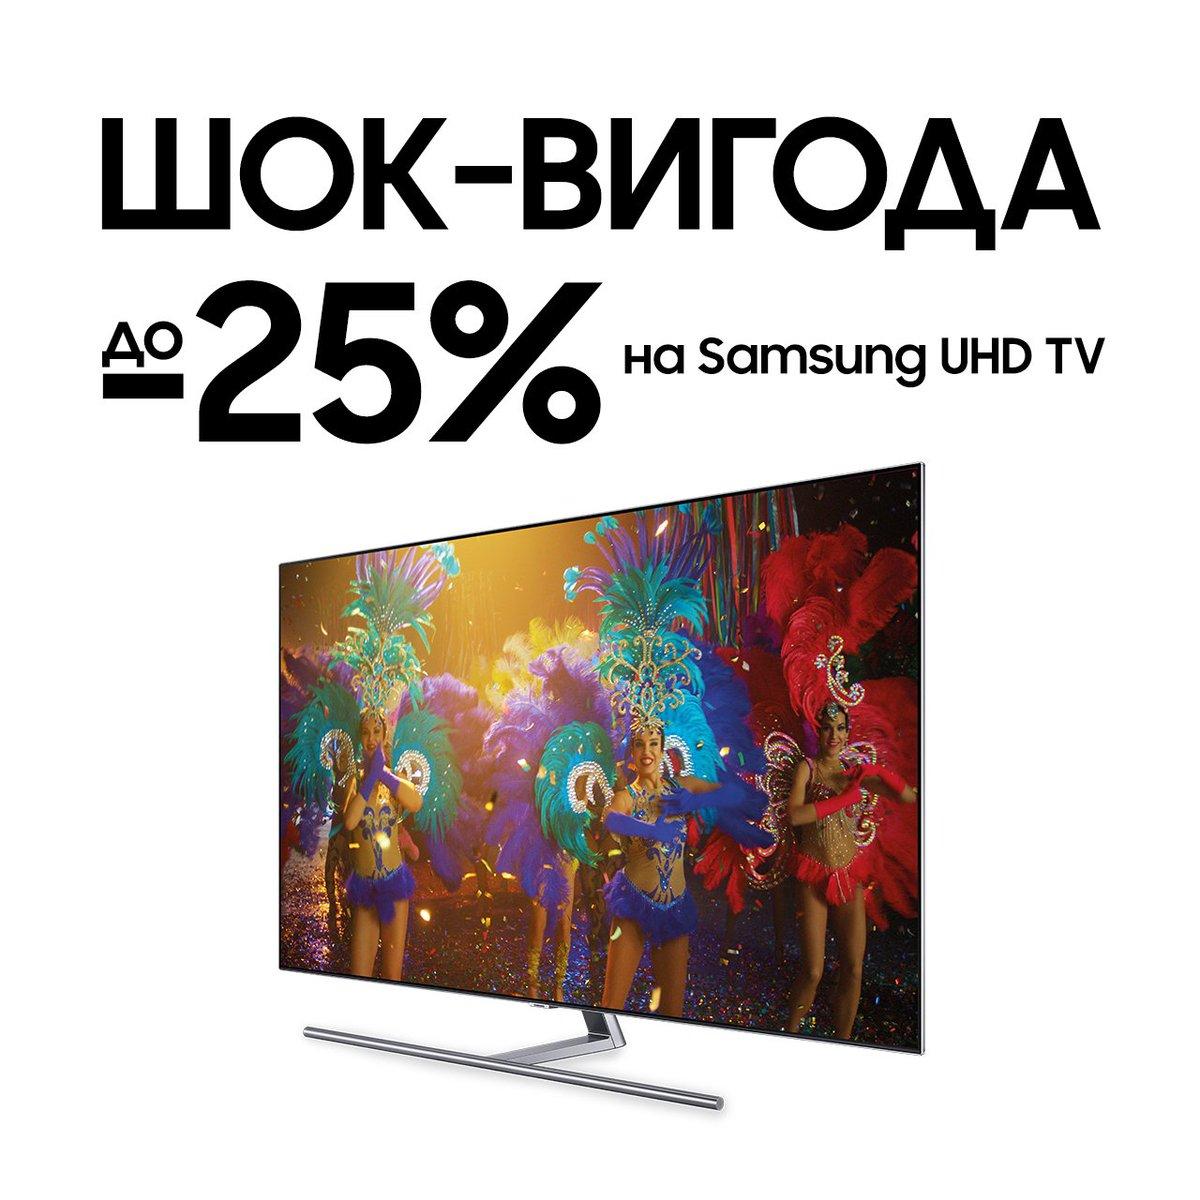 Samsung Ukraine's photo on tv promo